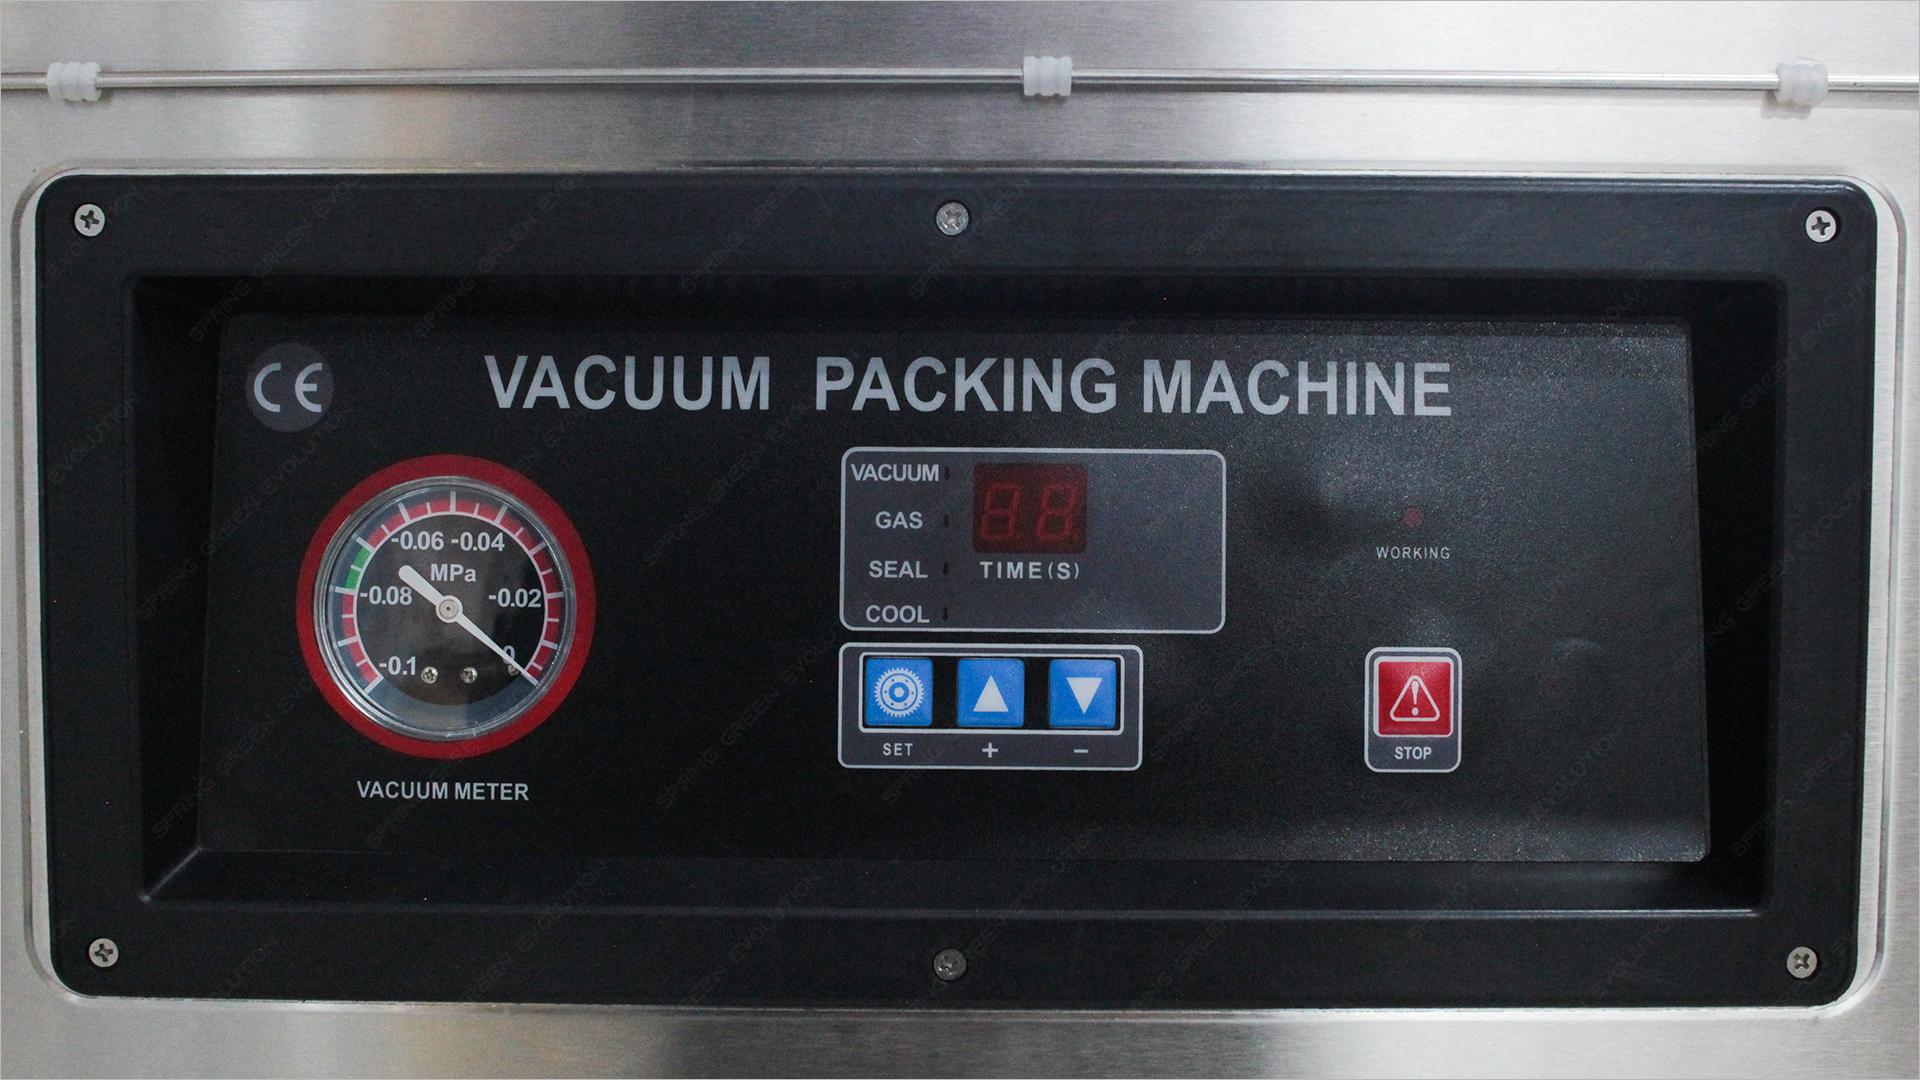 เครื่องซีลสูญญากาศ-vcc03-features (3)